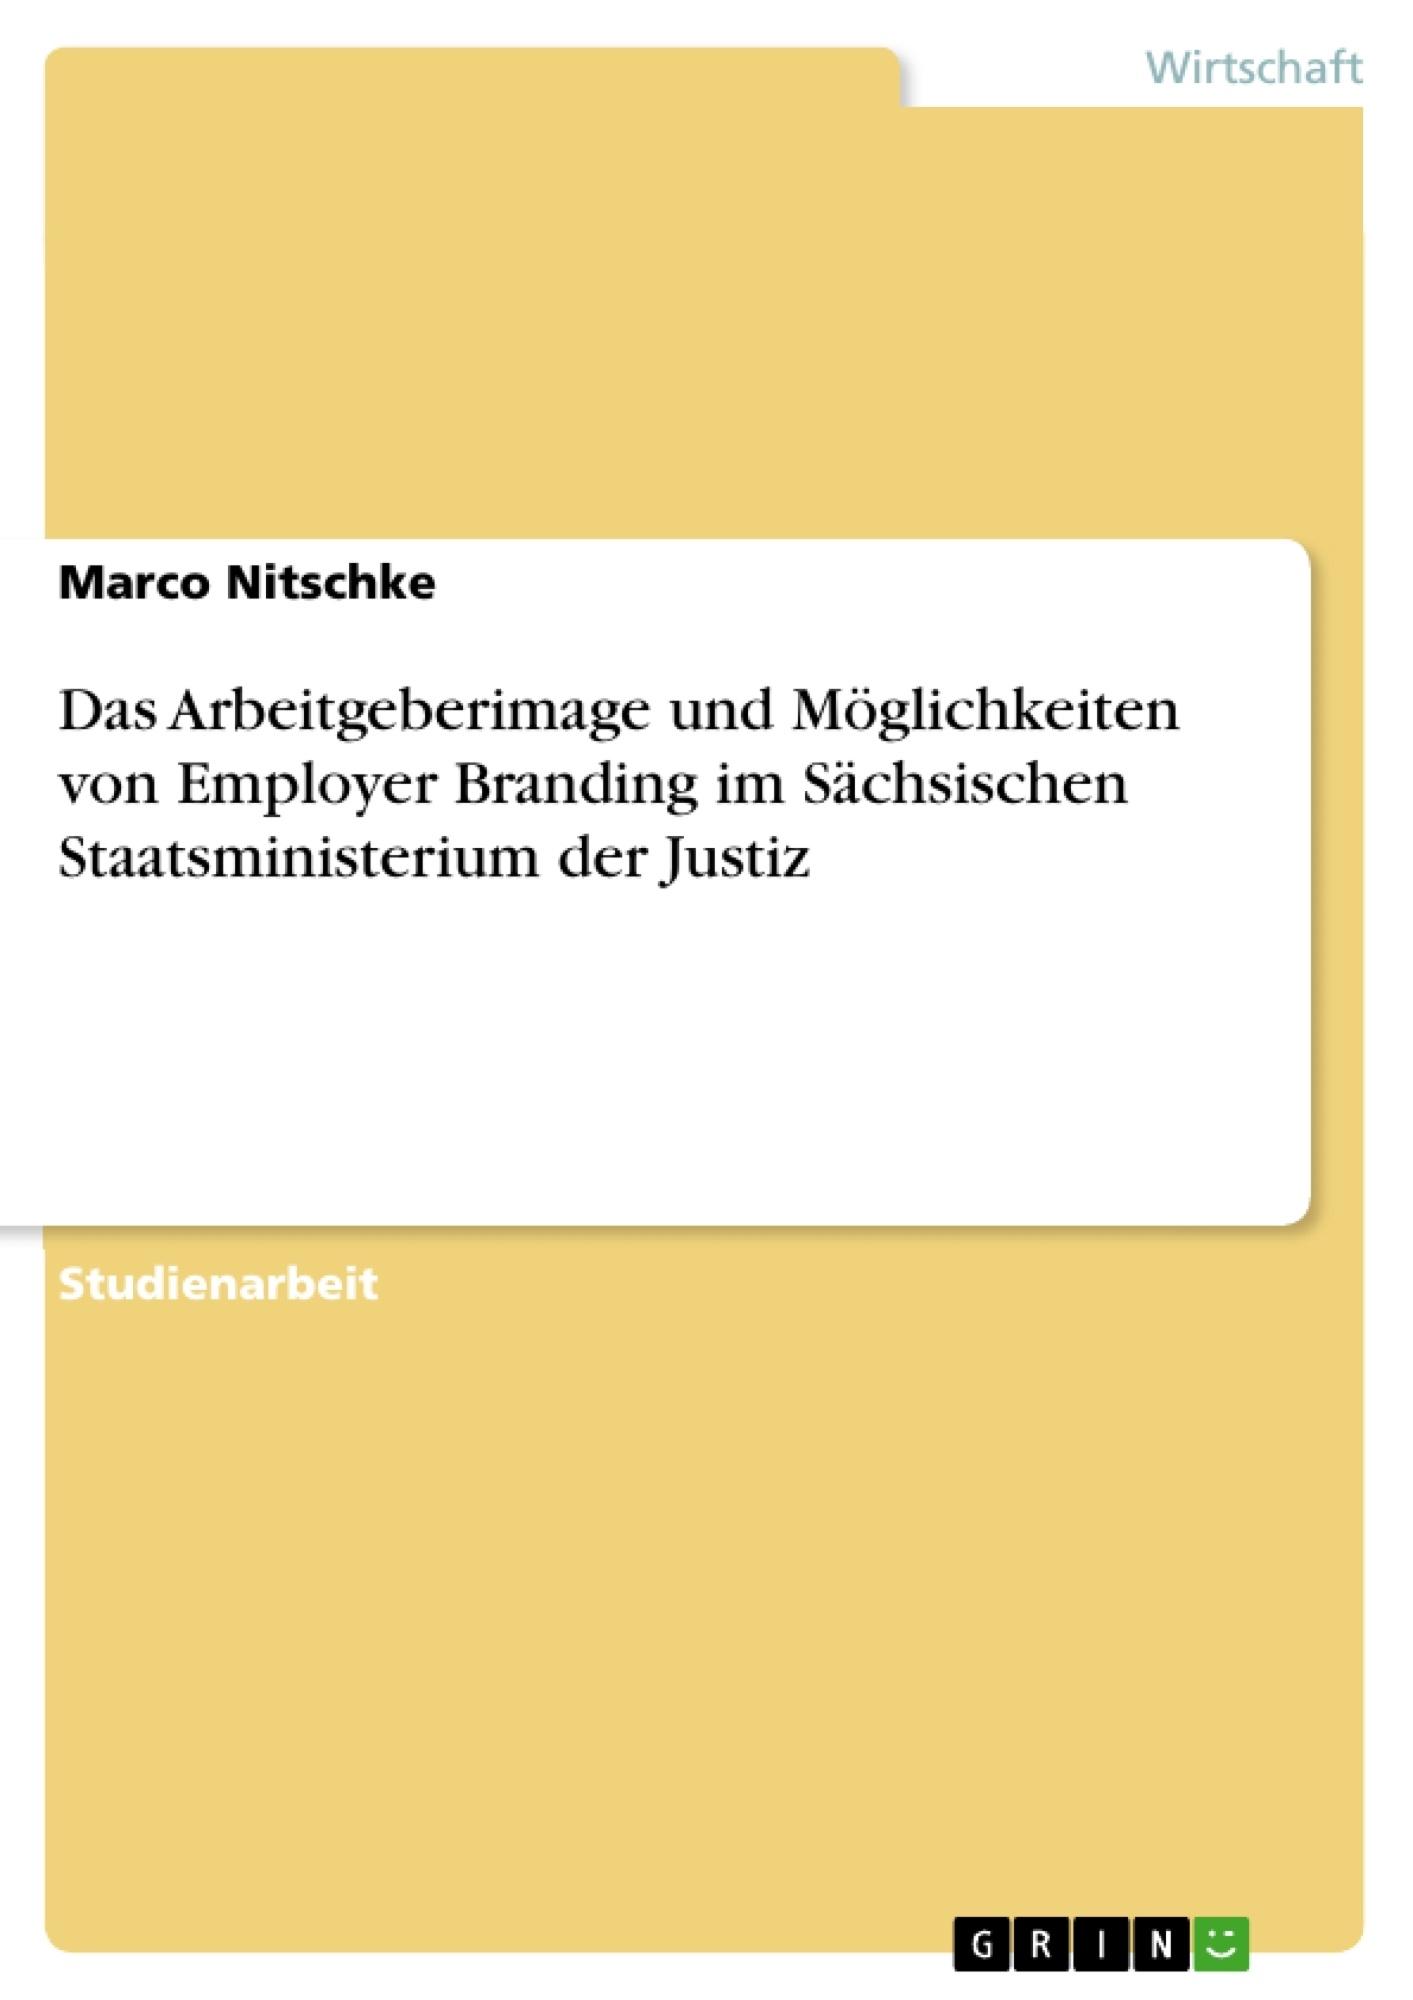 Titel: Das Arbeitgeberimage und Möglichkeiten von Employer Branding im Sächsischen Staatsministerium der Justiz